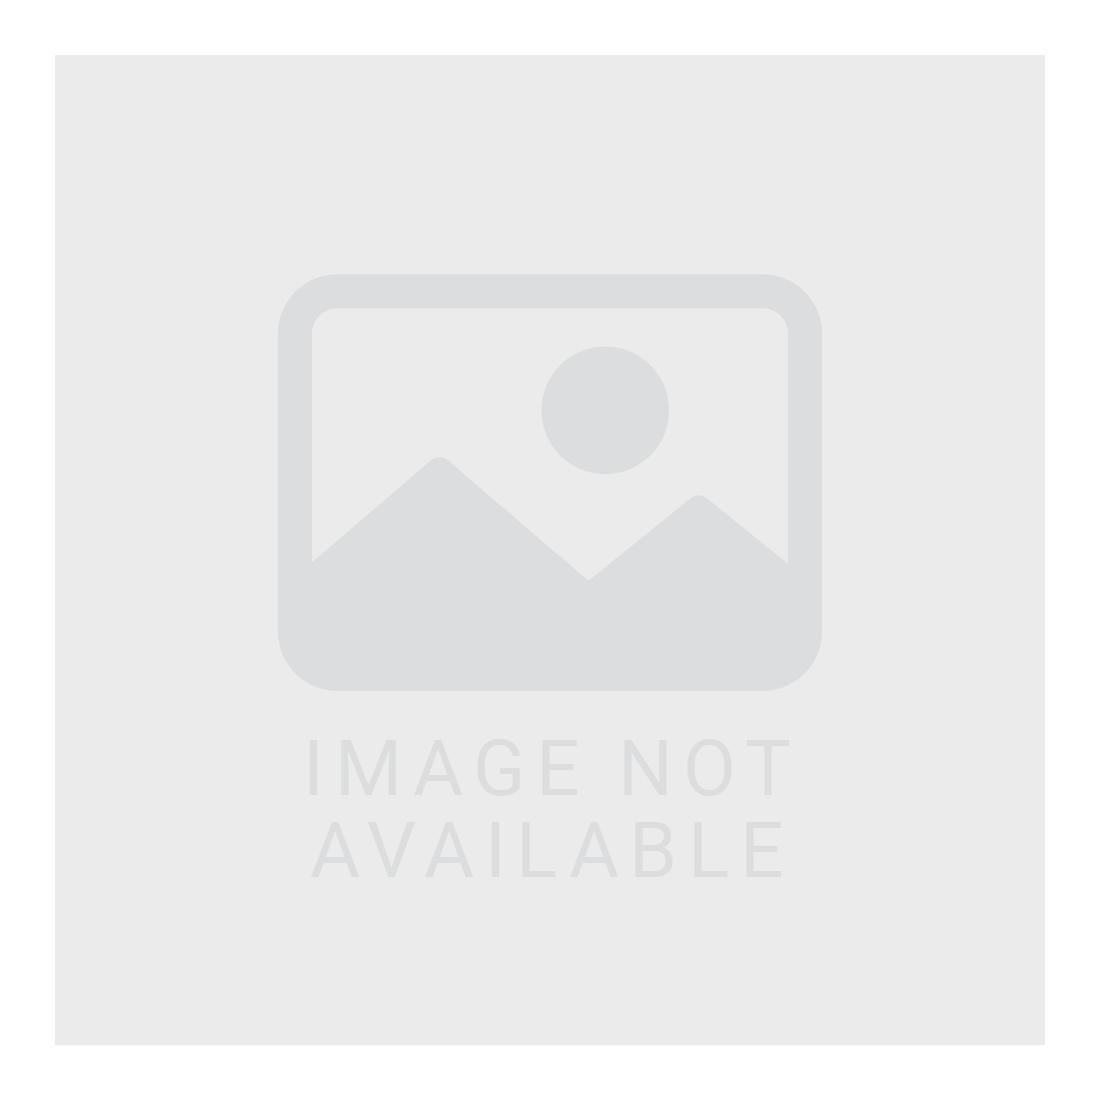 Lego® 2018 Dodge Challenger SRT Demon and 1970 Dodge Charger R/T Set